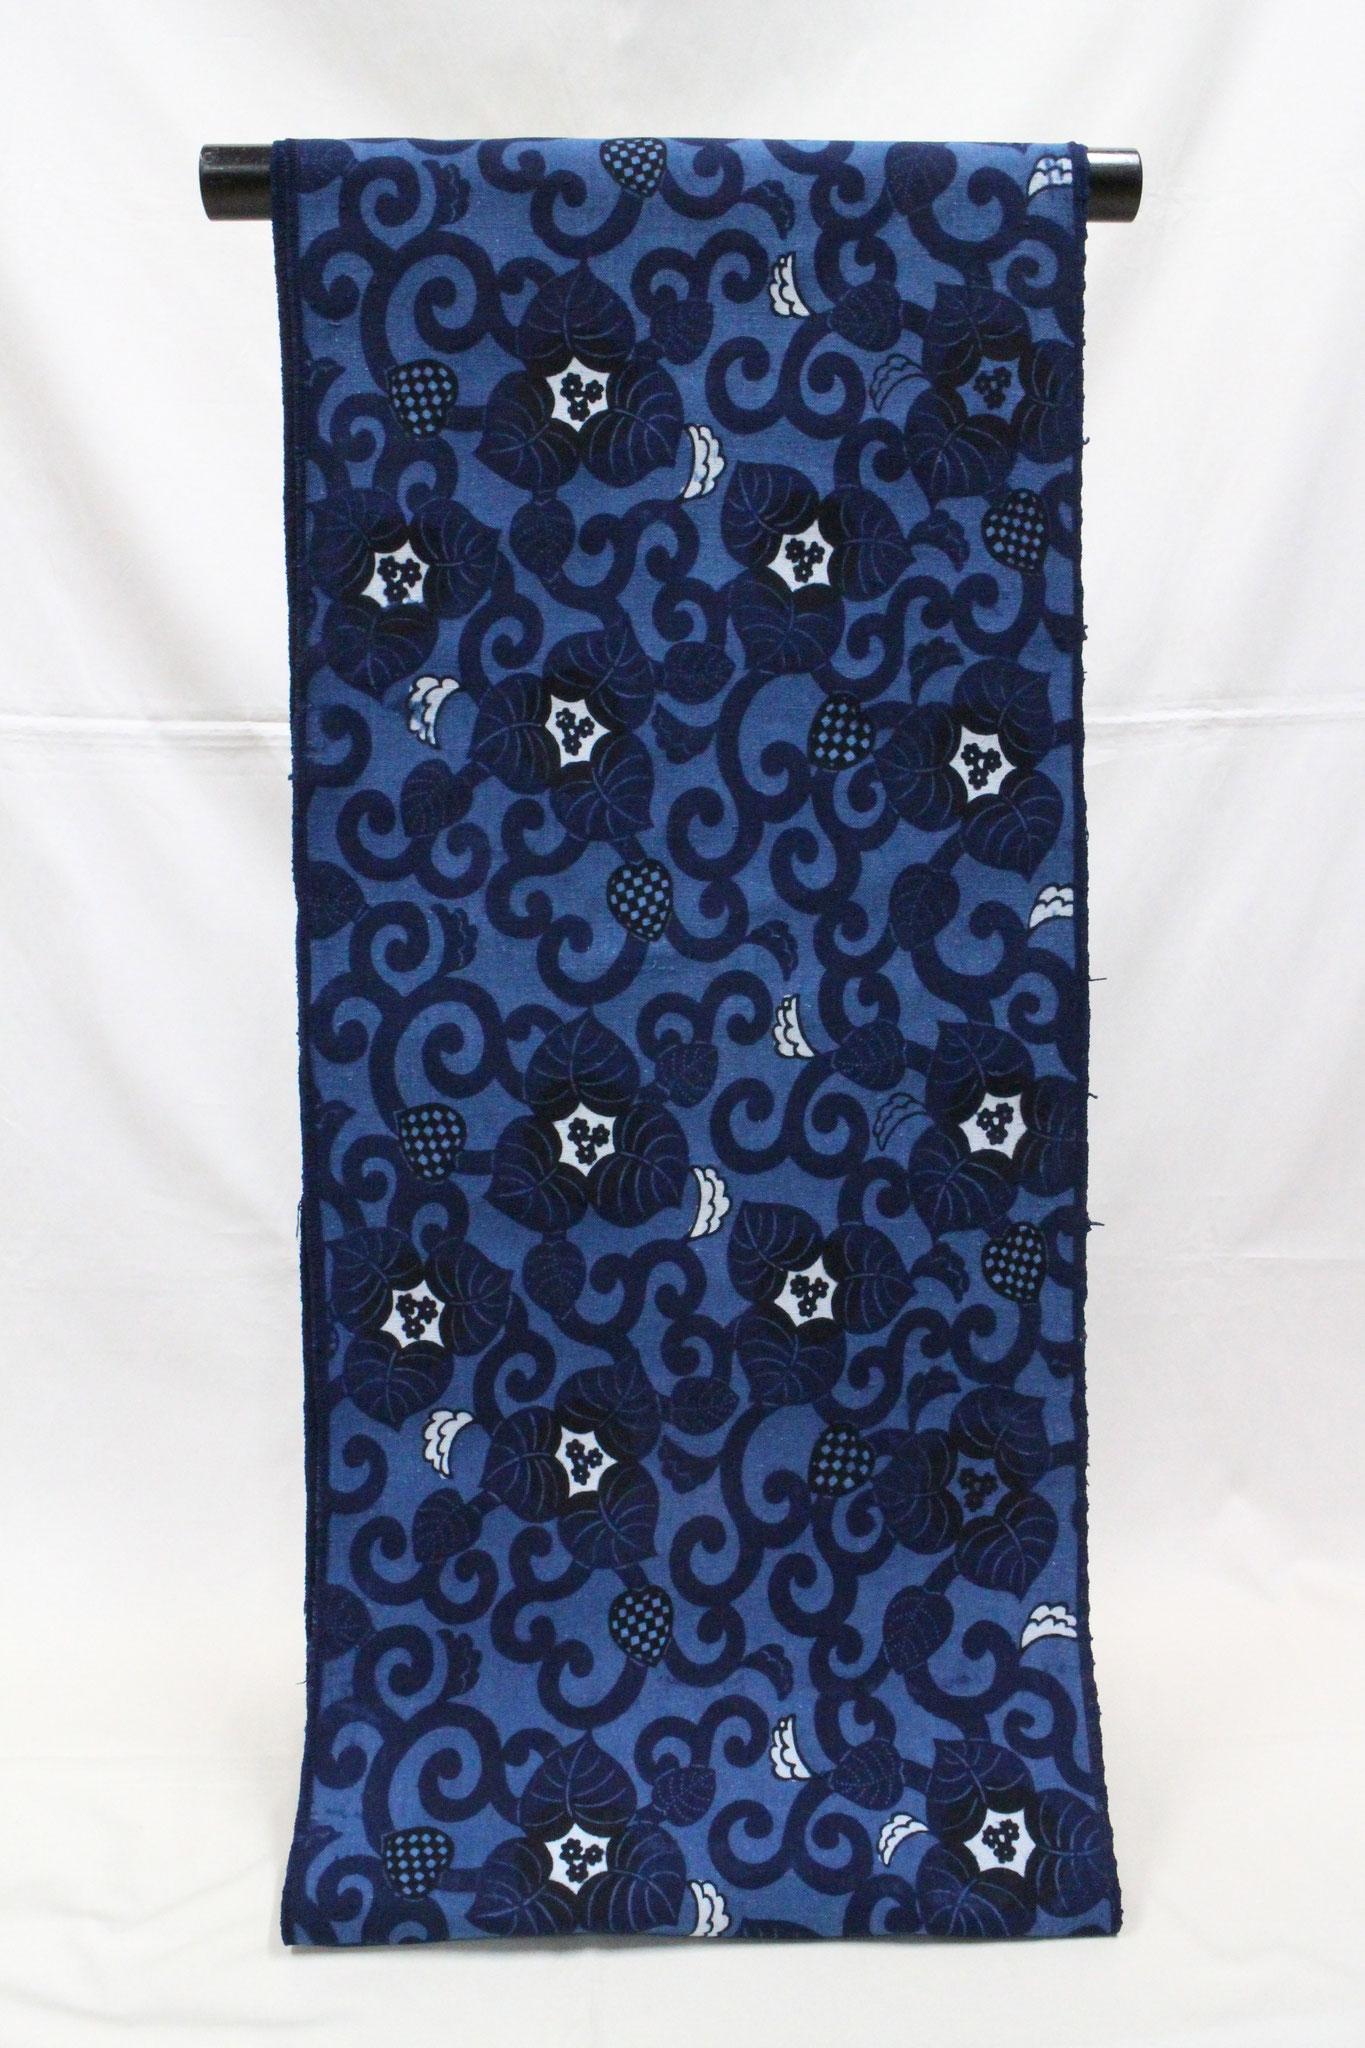 藍型 ブーゲン唐草    岡崎木綿